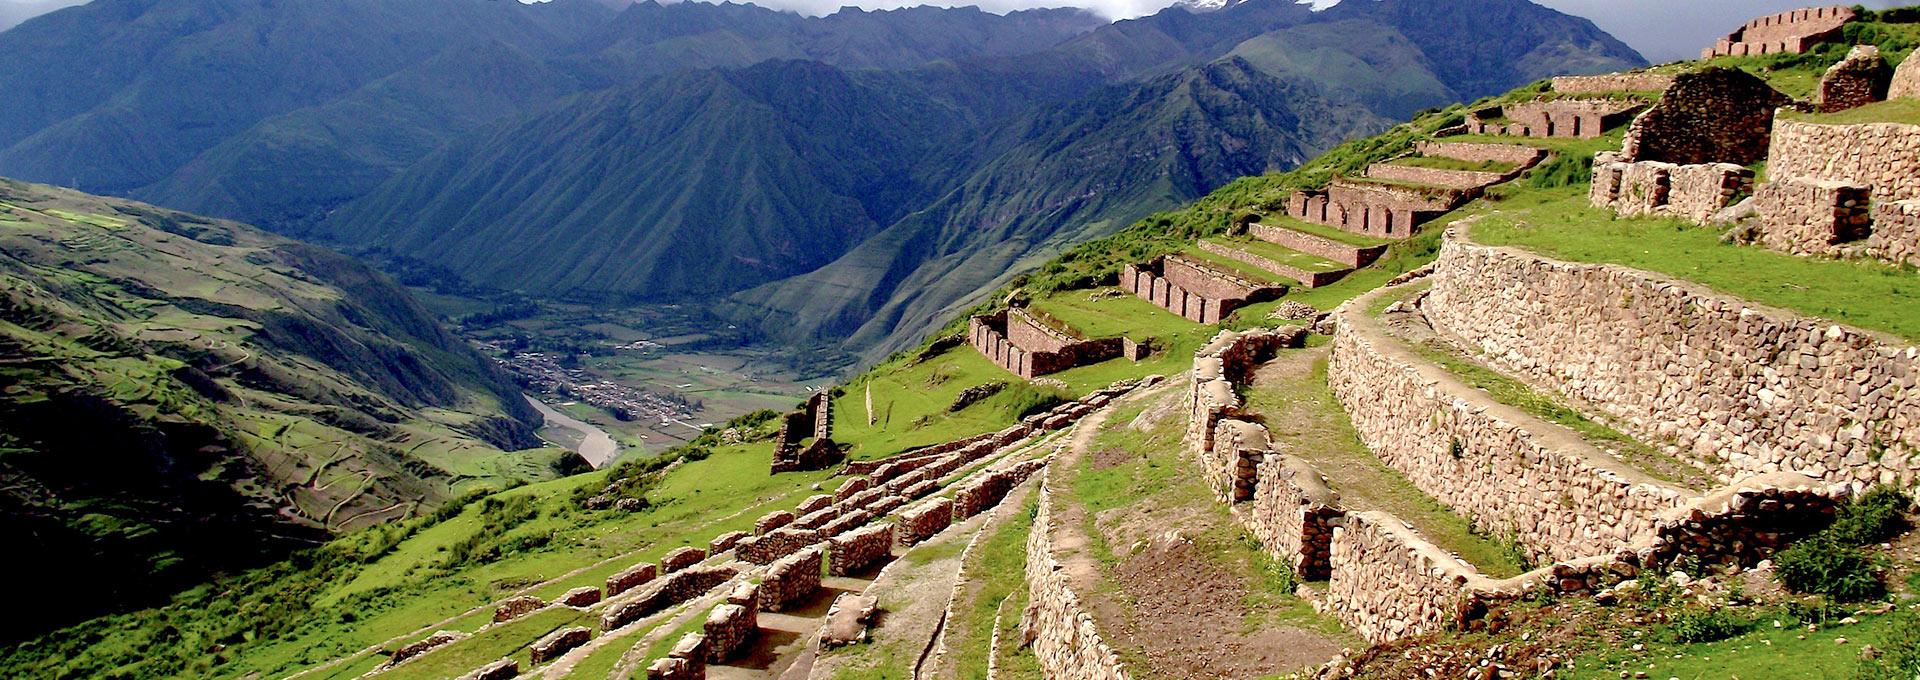 tour del valle sagrado de los incas inca bound inca bound. Black Bedroom Furniture Sets. Home Design Ideas